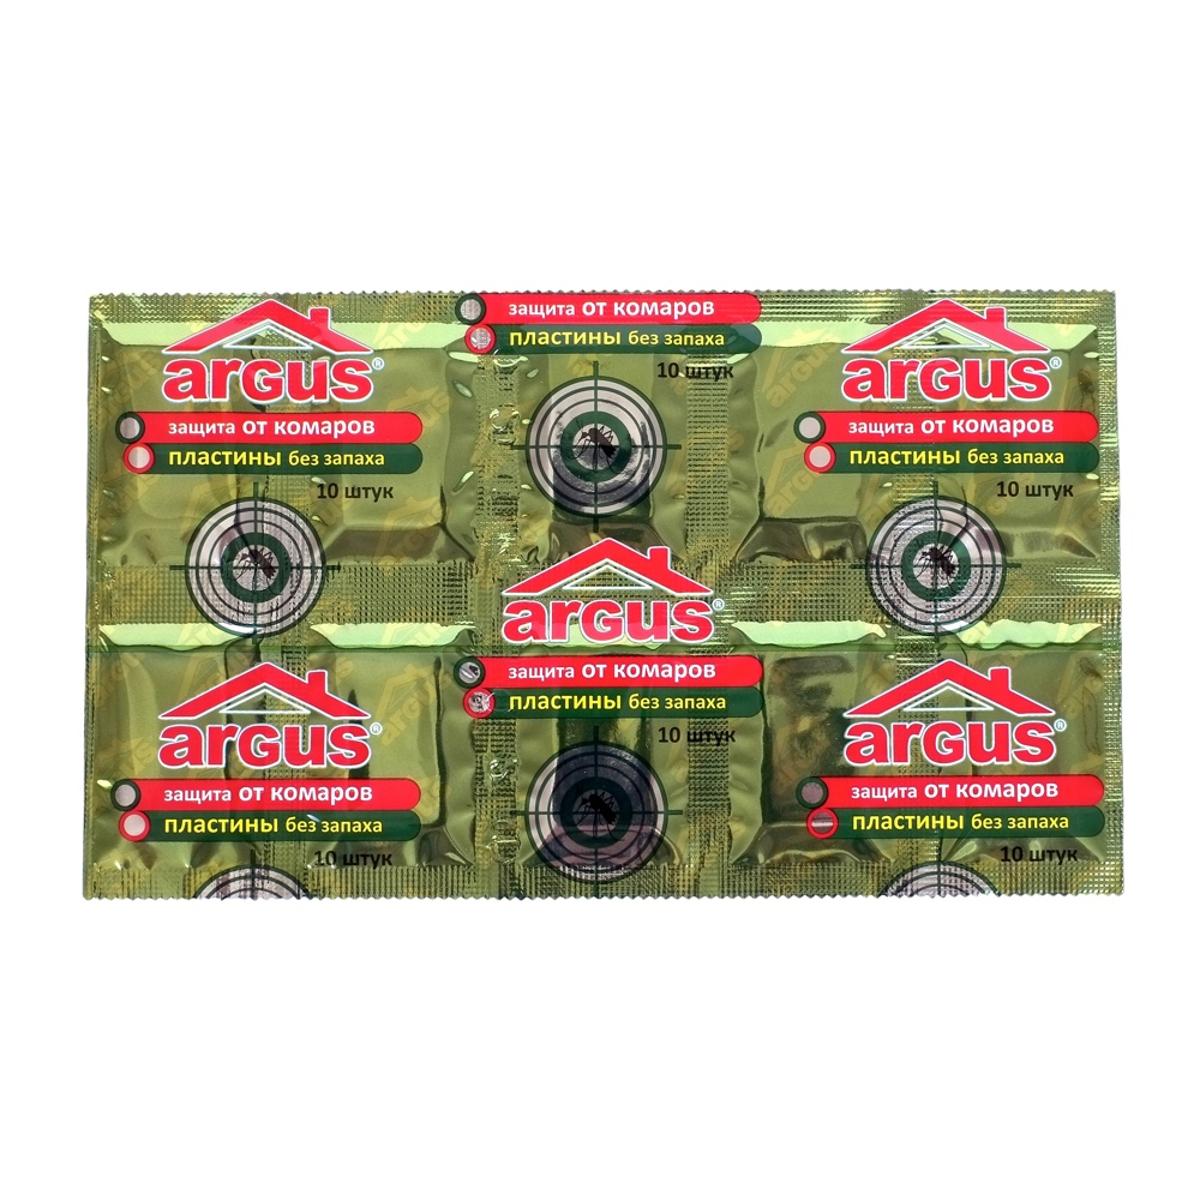 Пластины от комаров Argus, без запаха, 10 штСЗ.010005Пластины от комаров Argus могут быть использованы многократно, для дальнейшего использования их следует хранить в упаковке. Полная гибель комаров в закрытых помещениях достигается за 15-20 минут в зависимости от площади помещения. Применение одной пластины рассчитано до 8-10 часов в непрерывном режиме работы в помещении площадью до 30 м2. Обесцвечивание пластины является показателем окончания срока действия.Состав: ДВ-эсбиотрин, стабилизатор, краситель.Уважаемые клиенты! Обращаем ваше внимание на то, что упаковка может иметь несколько видов дизайна. Поставка осуществляется в зависимости от наличия на складе.